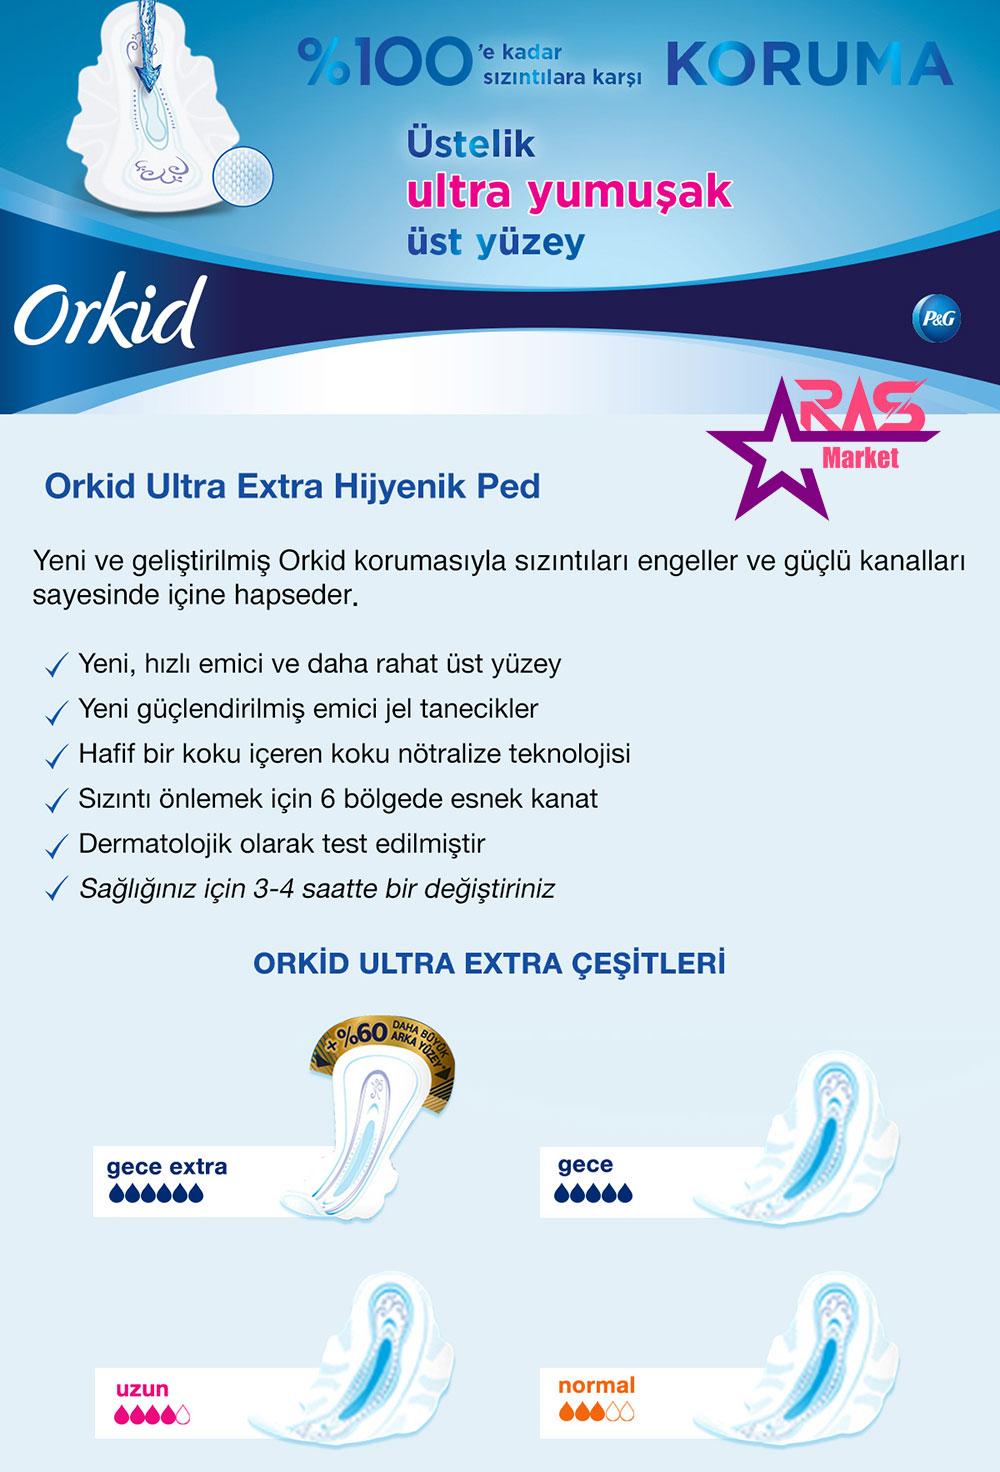 نوار بهداشتی ارکید مدل Ultra Extra اندازه نرمال 26 عددی ، خرید اینترنتی محصولات شوینده و بهداشتی ، خرید اینترنتی محصولات اصل ترکیه